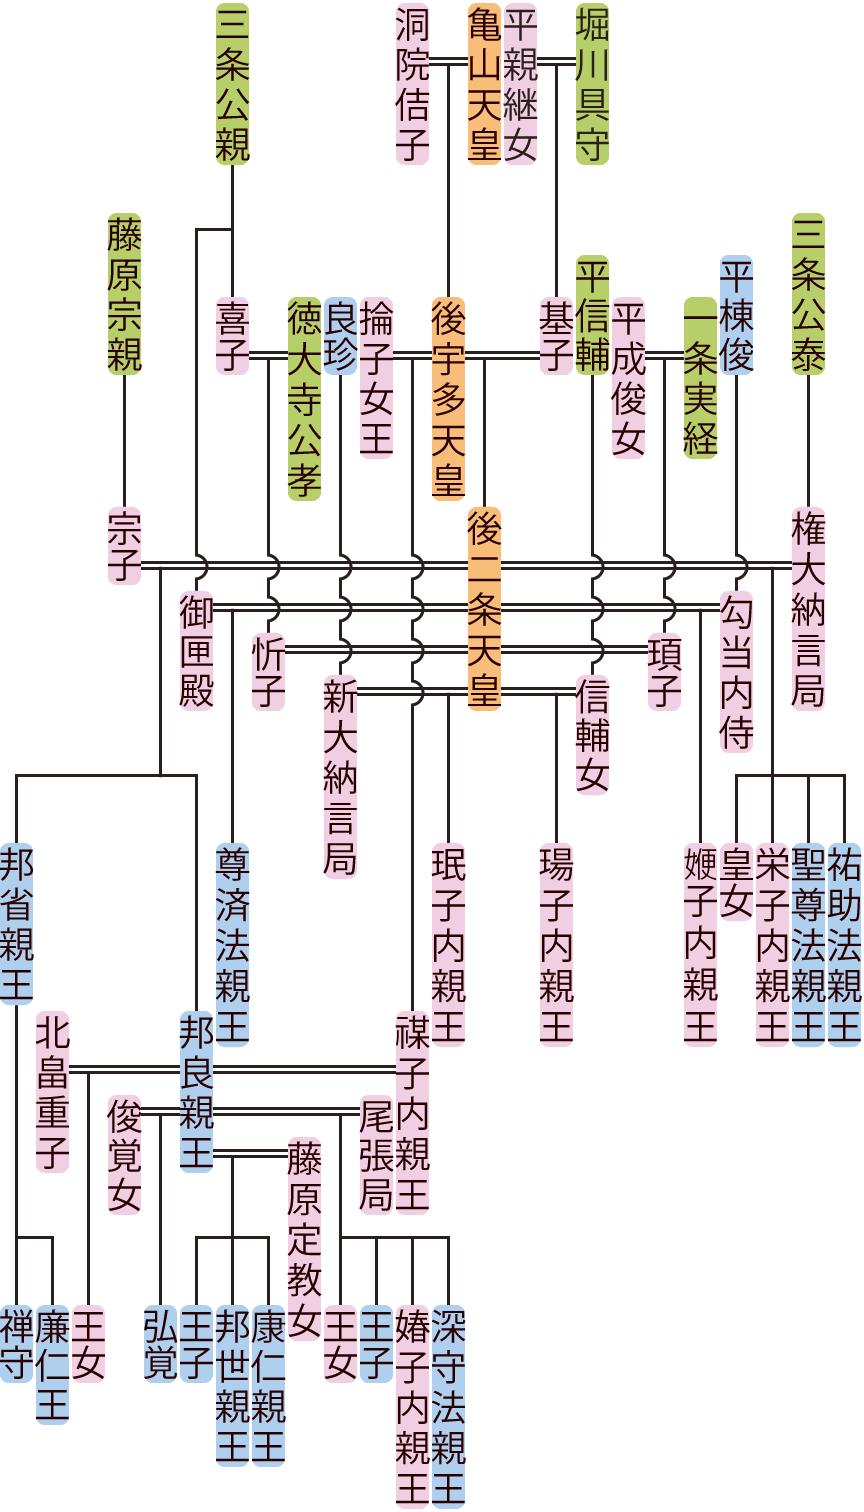 後二条天皇の系図